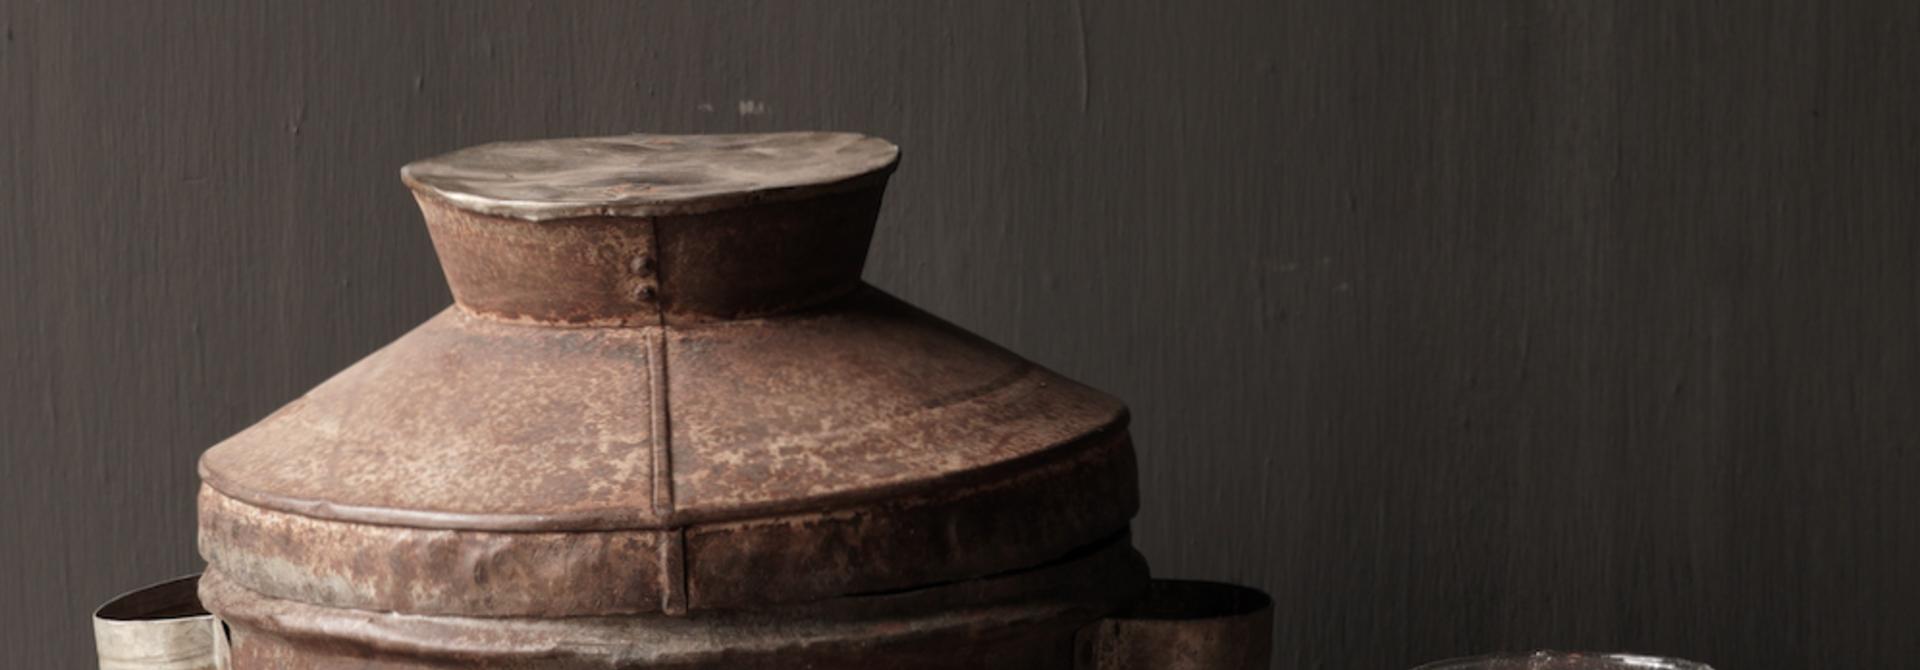 Authentieke  Nepalese ijzeren pot met deksel